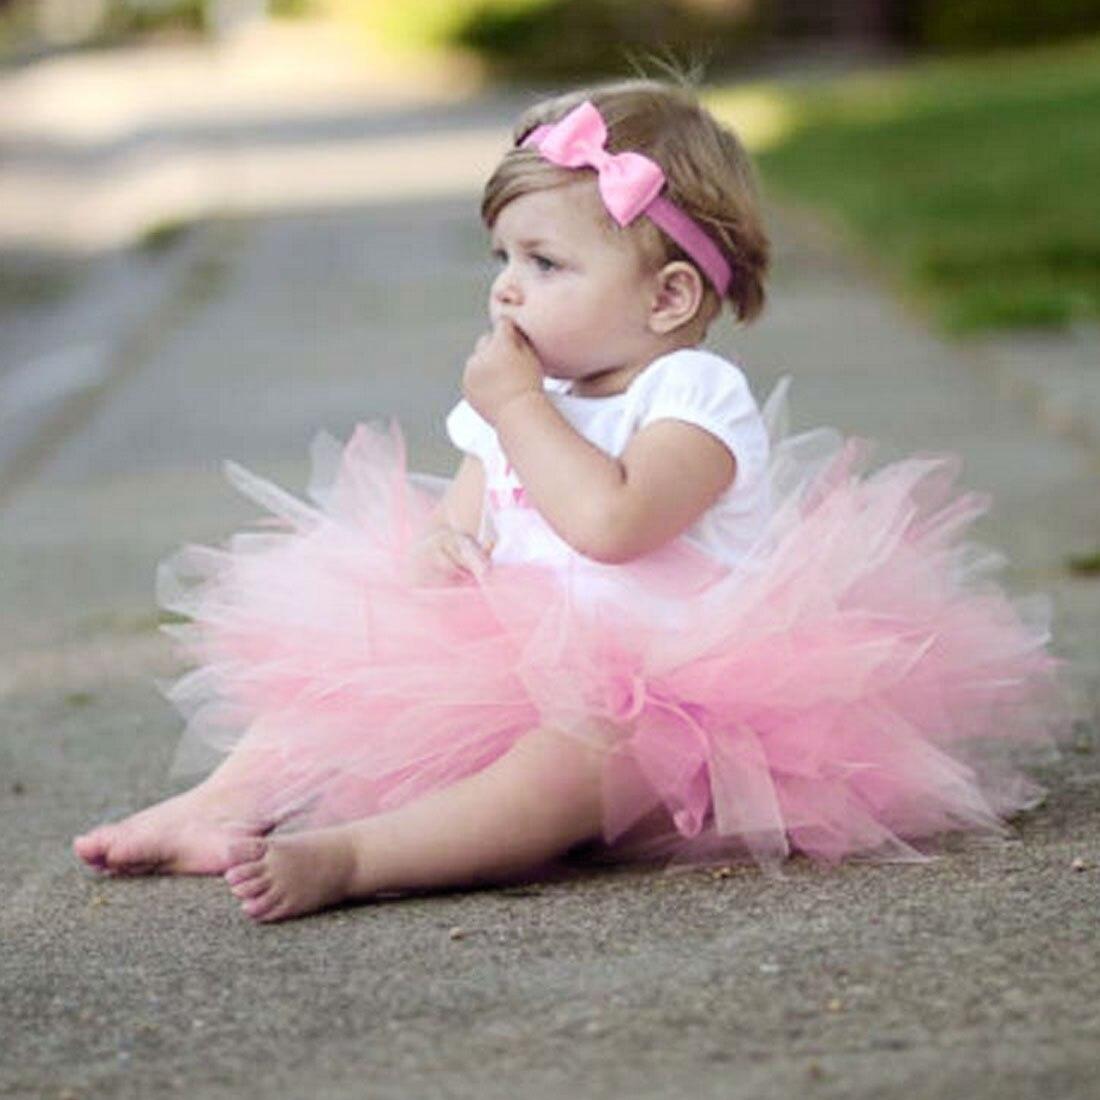 Nett Baby Mädchen Rock Prinzessin Blase Shorts Rock Mit Stirnband Neugeborenen Foto Schießen Fotografie Prop Verhindern, Dass Haare Vergrau Werden Und Helfen, Den Teint Zu Erhalten